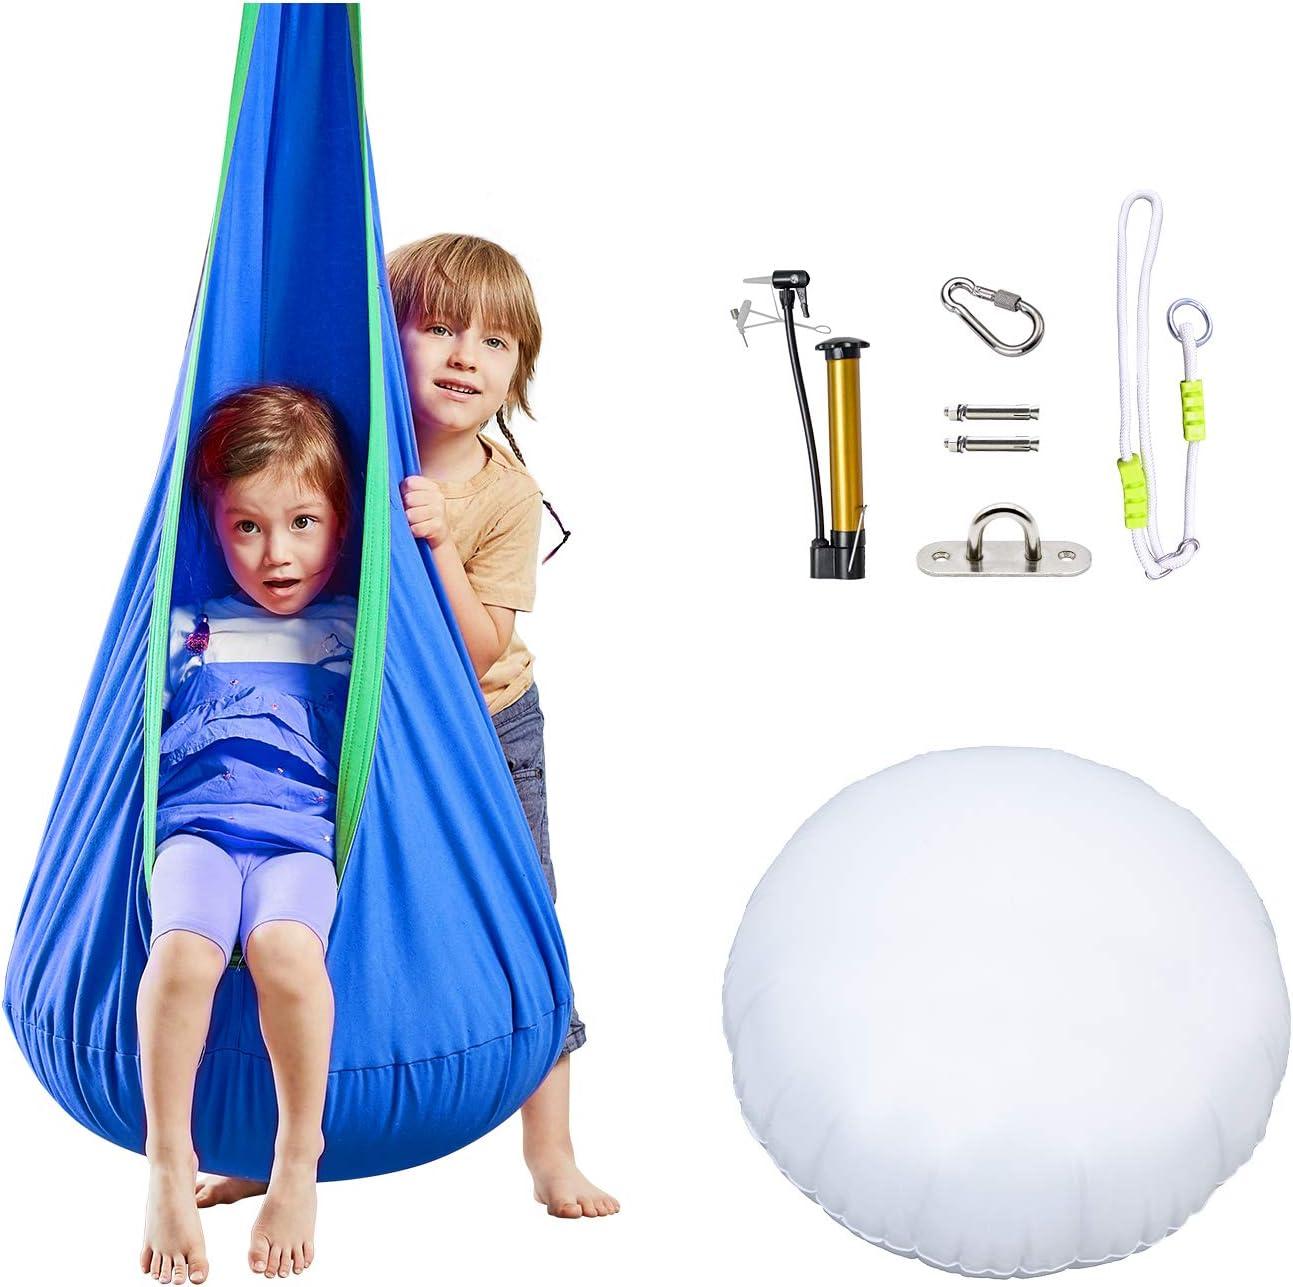 Amazon Com Happy Pie Play Adventure Kids Pod Swing Chair Child Hanging Chair Indoor And Outdoor Sensory Hammock Blue Garden Outdoor